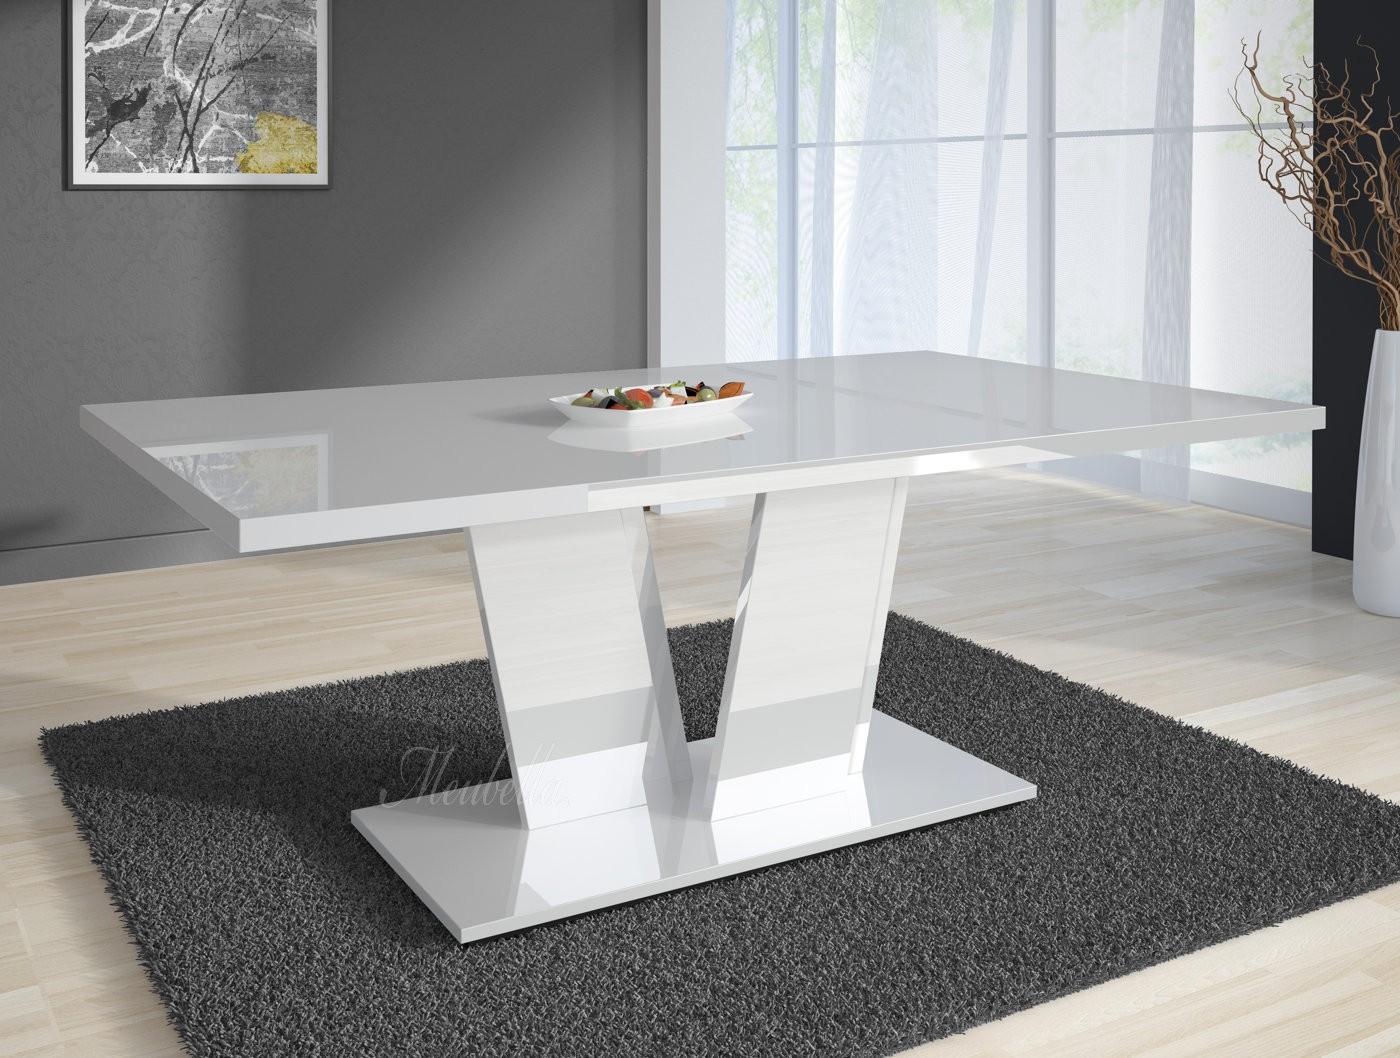 Zwart Wit Hoogglans Eettafel.Design Witte Eettafel